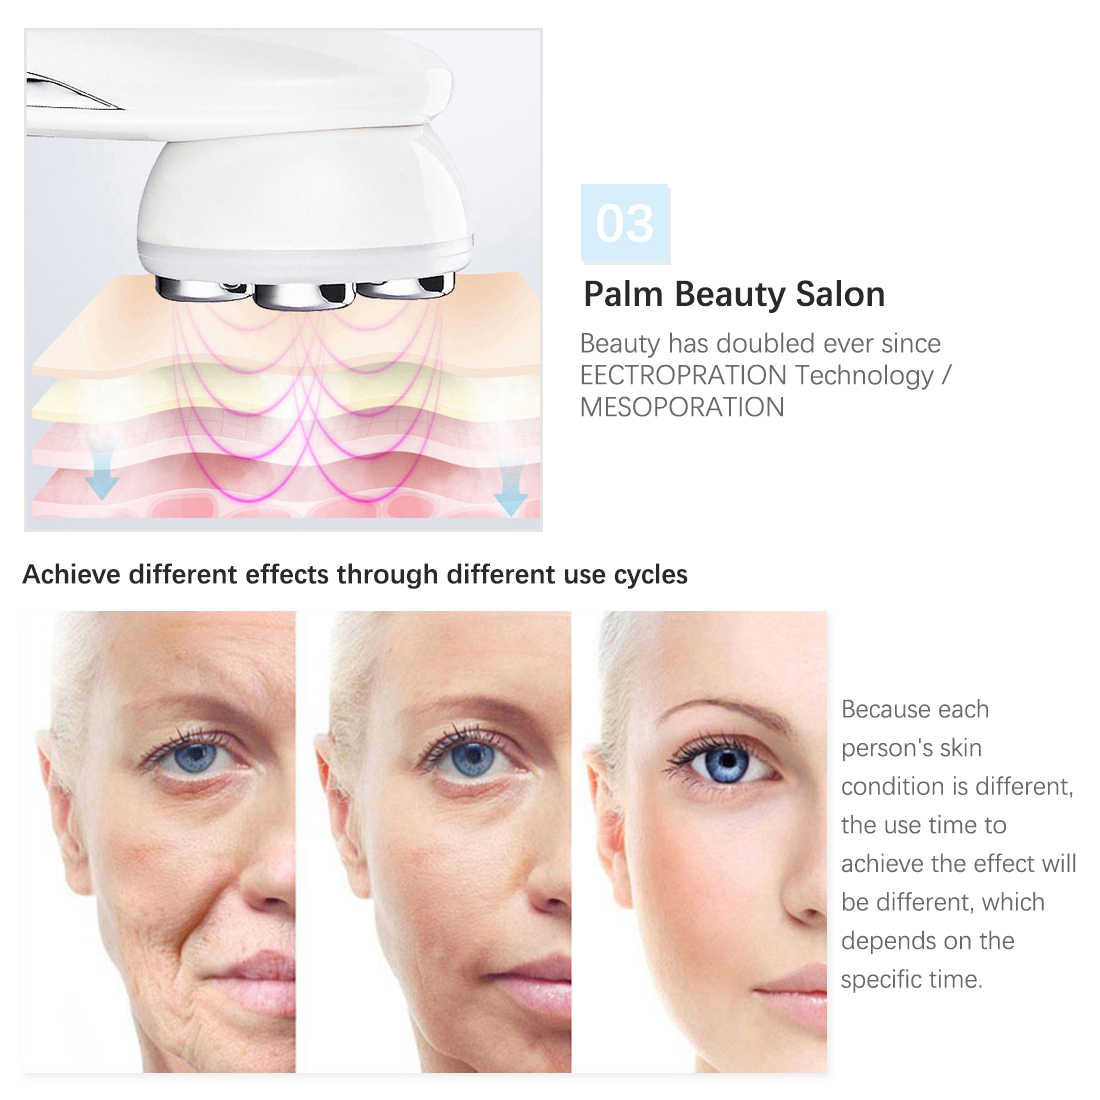 Rejuvenescimento da pele, tratamento de beleza de mesoterapia facial com led, fóton, rejuvenescimento da pele, rejuvenescimento da rádio frequência rf, para apertar o rosto